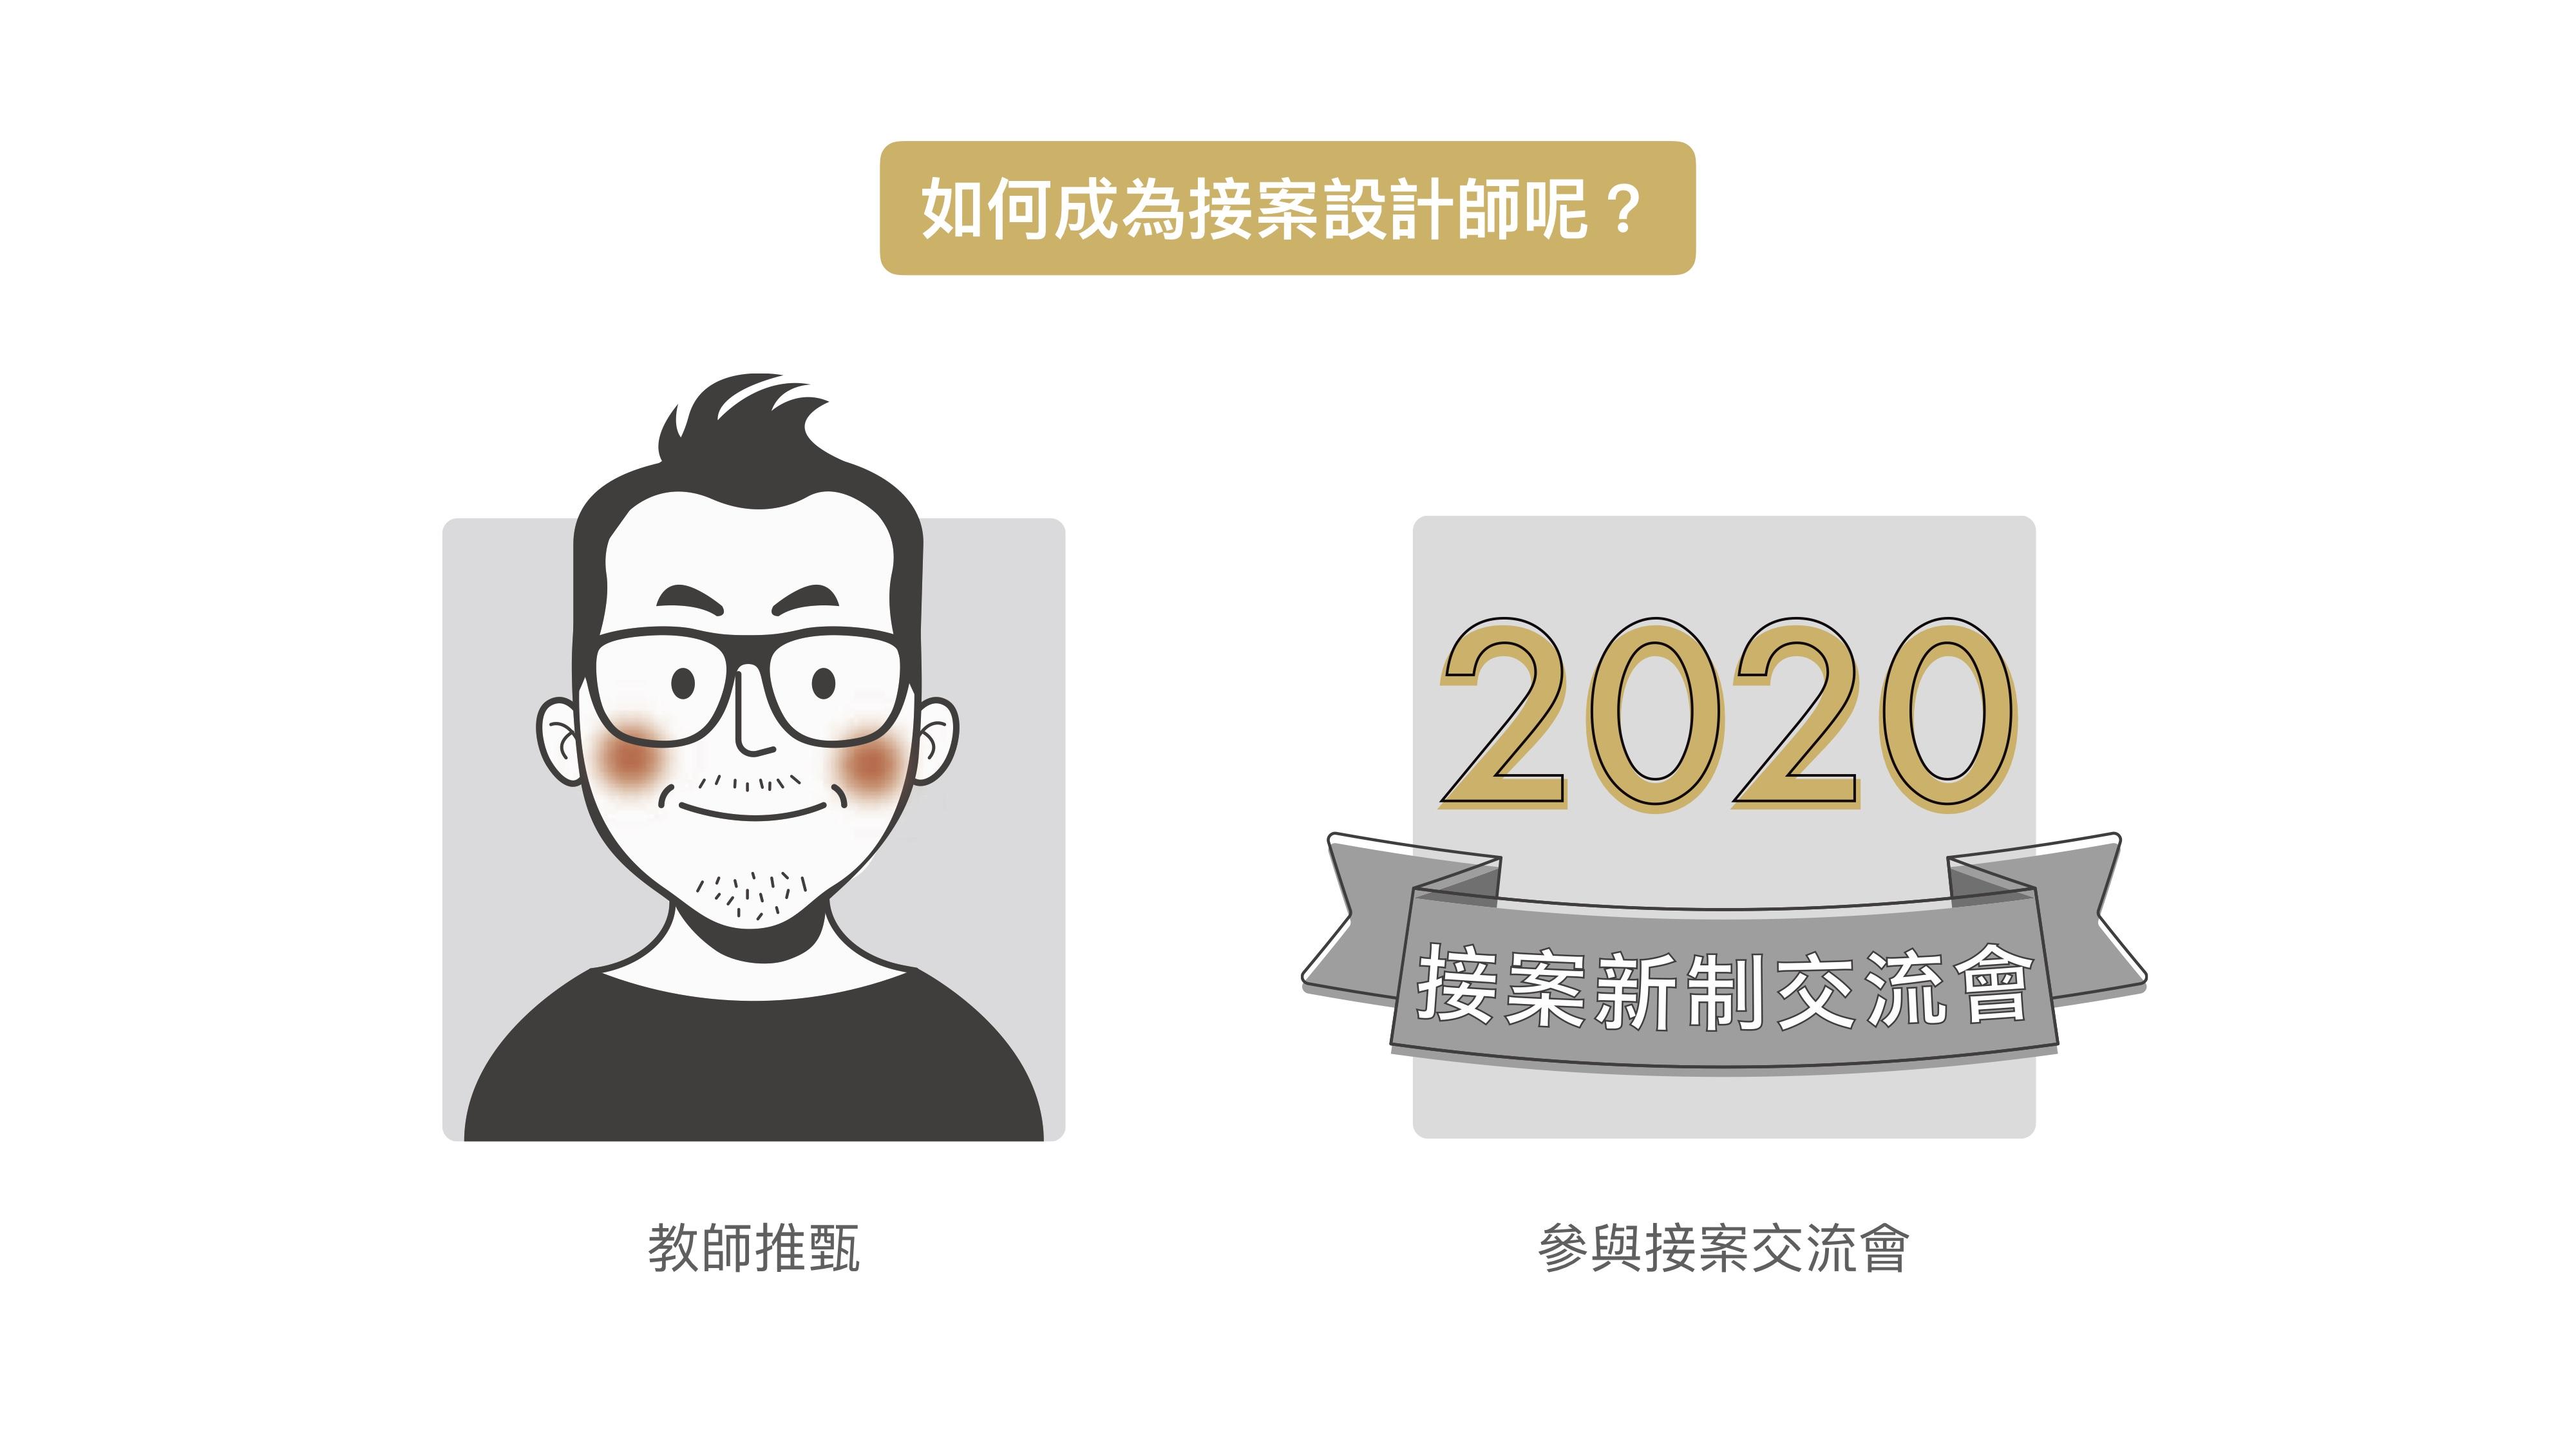 2020 接案新制交流會官網內容1